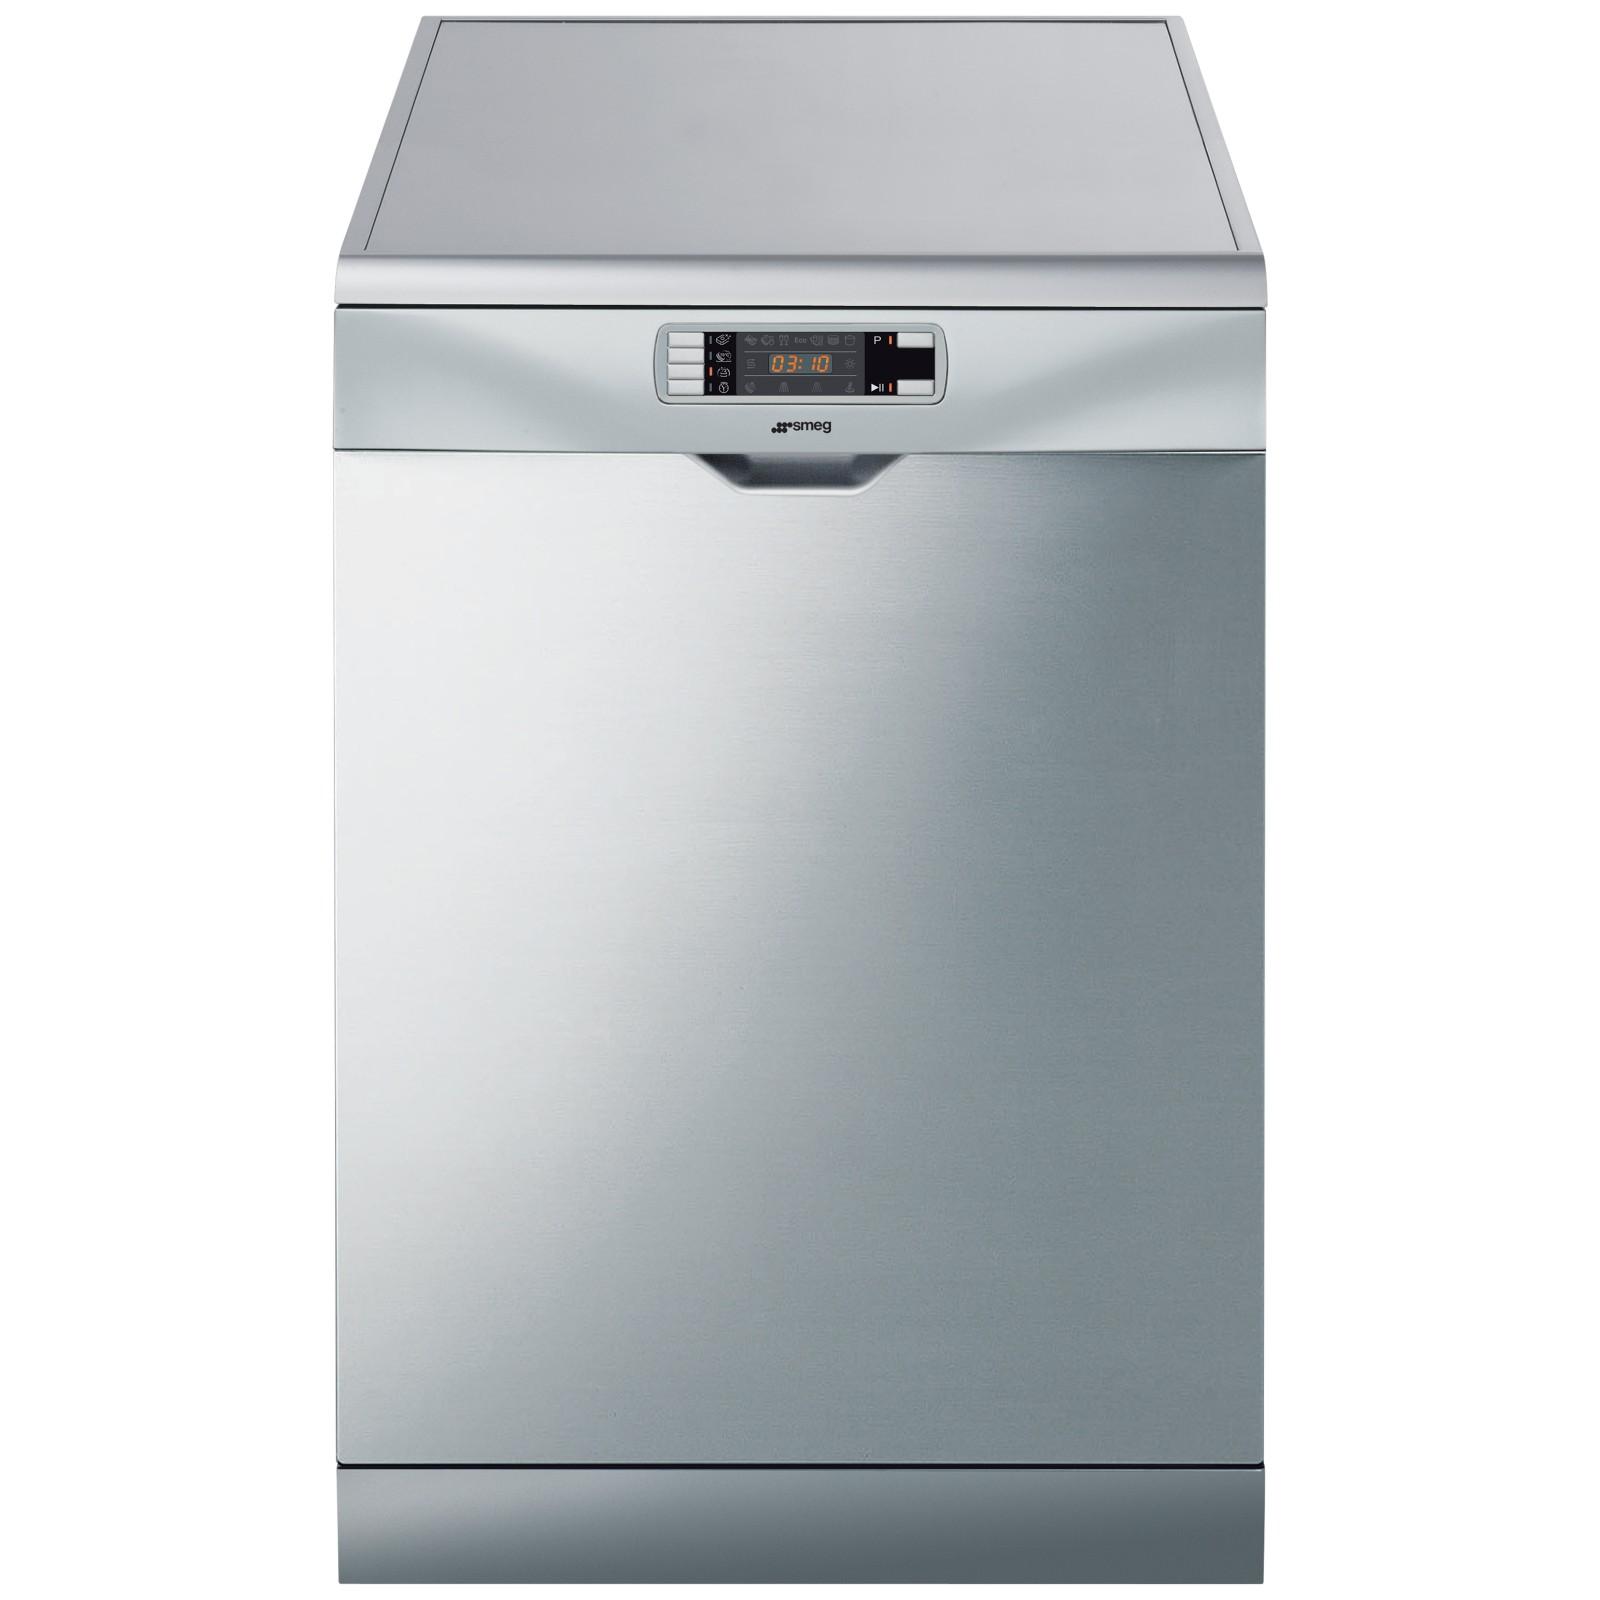 Smeg DC134L Freestanding Dishwasher Silver